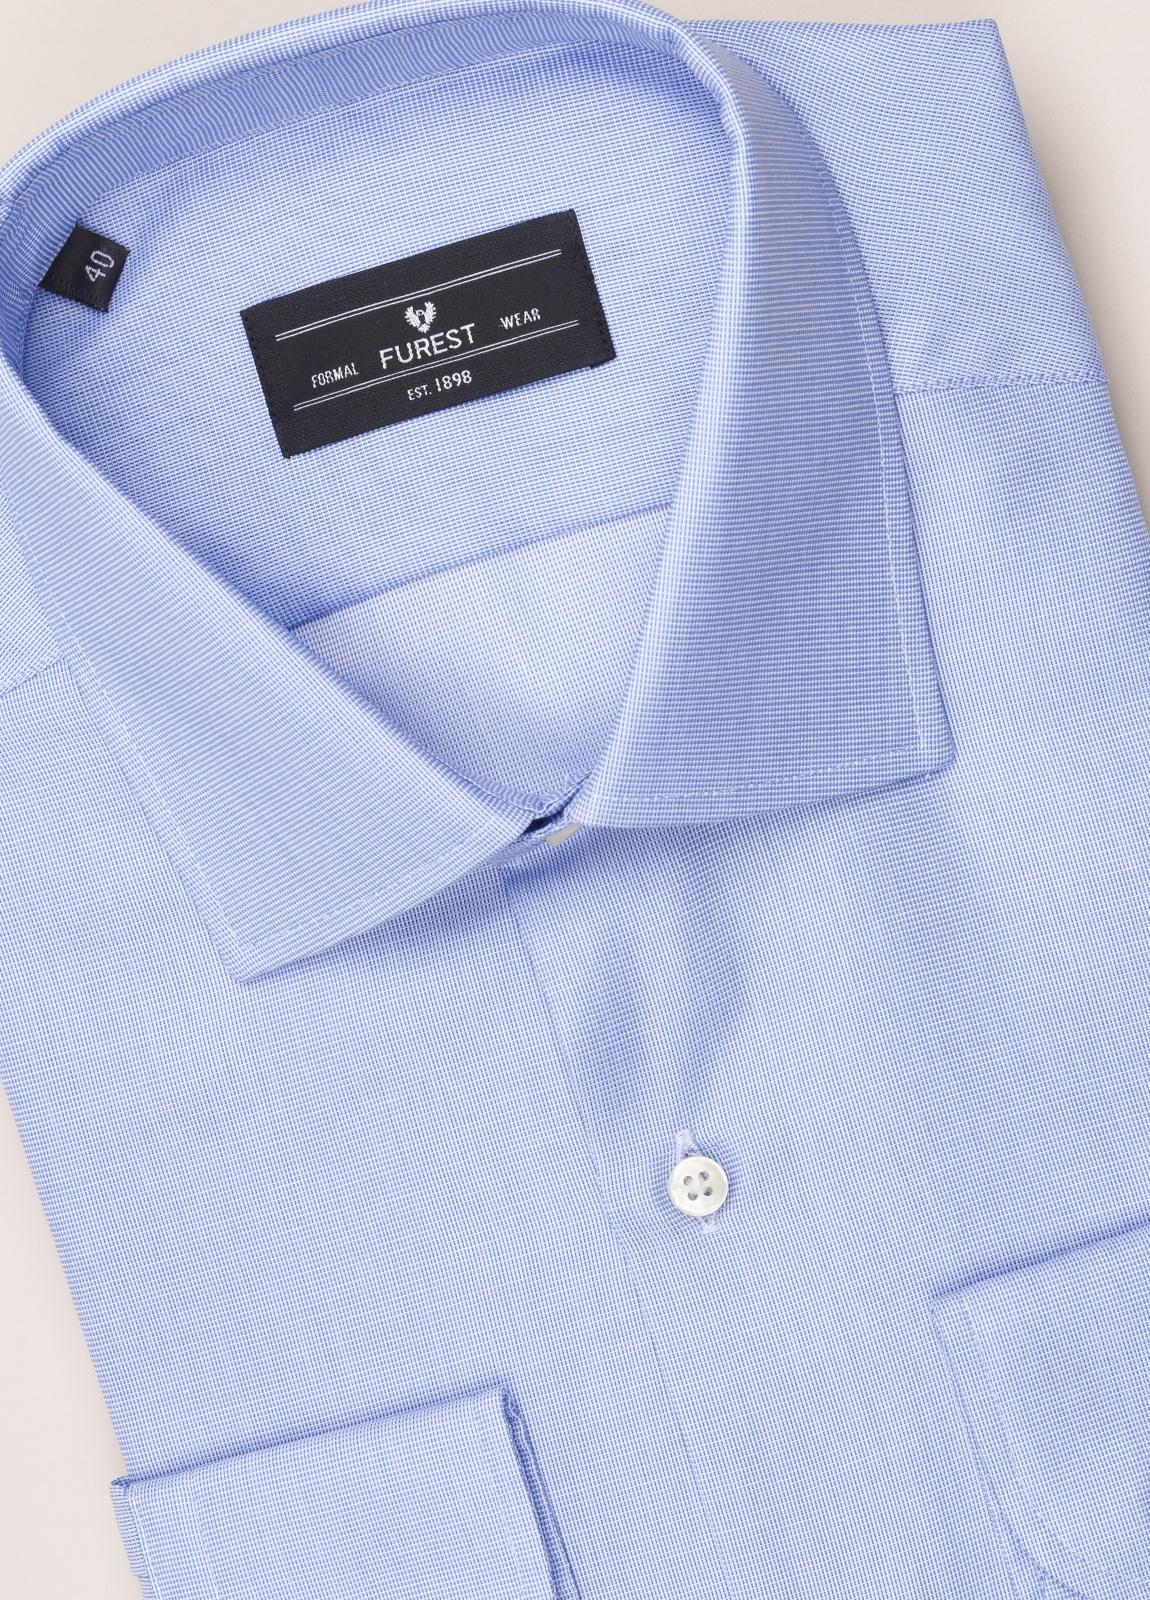 Camisa vestir FUREST COLECCIÓN SLIM FIT cuello italiano azul - Ítem1